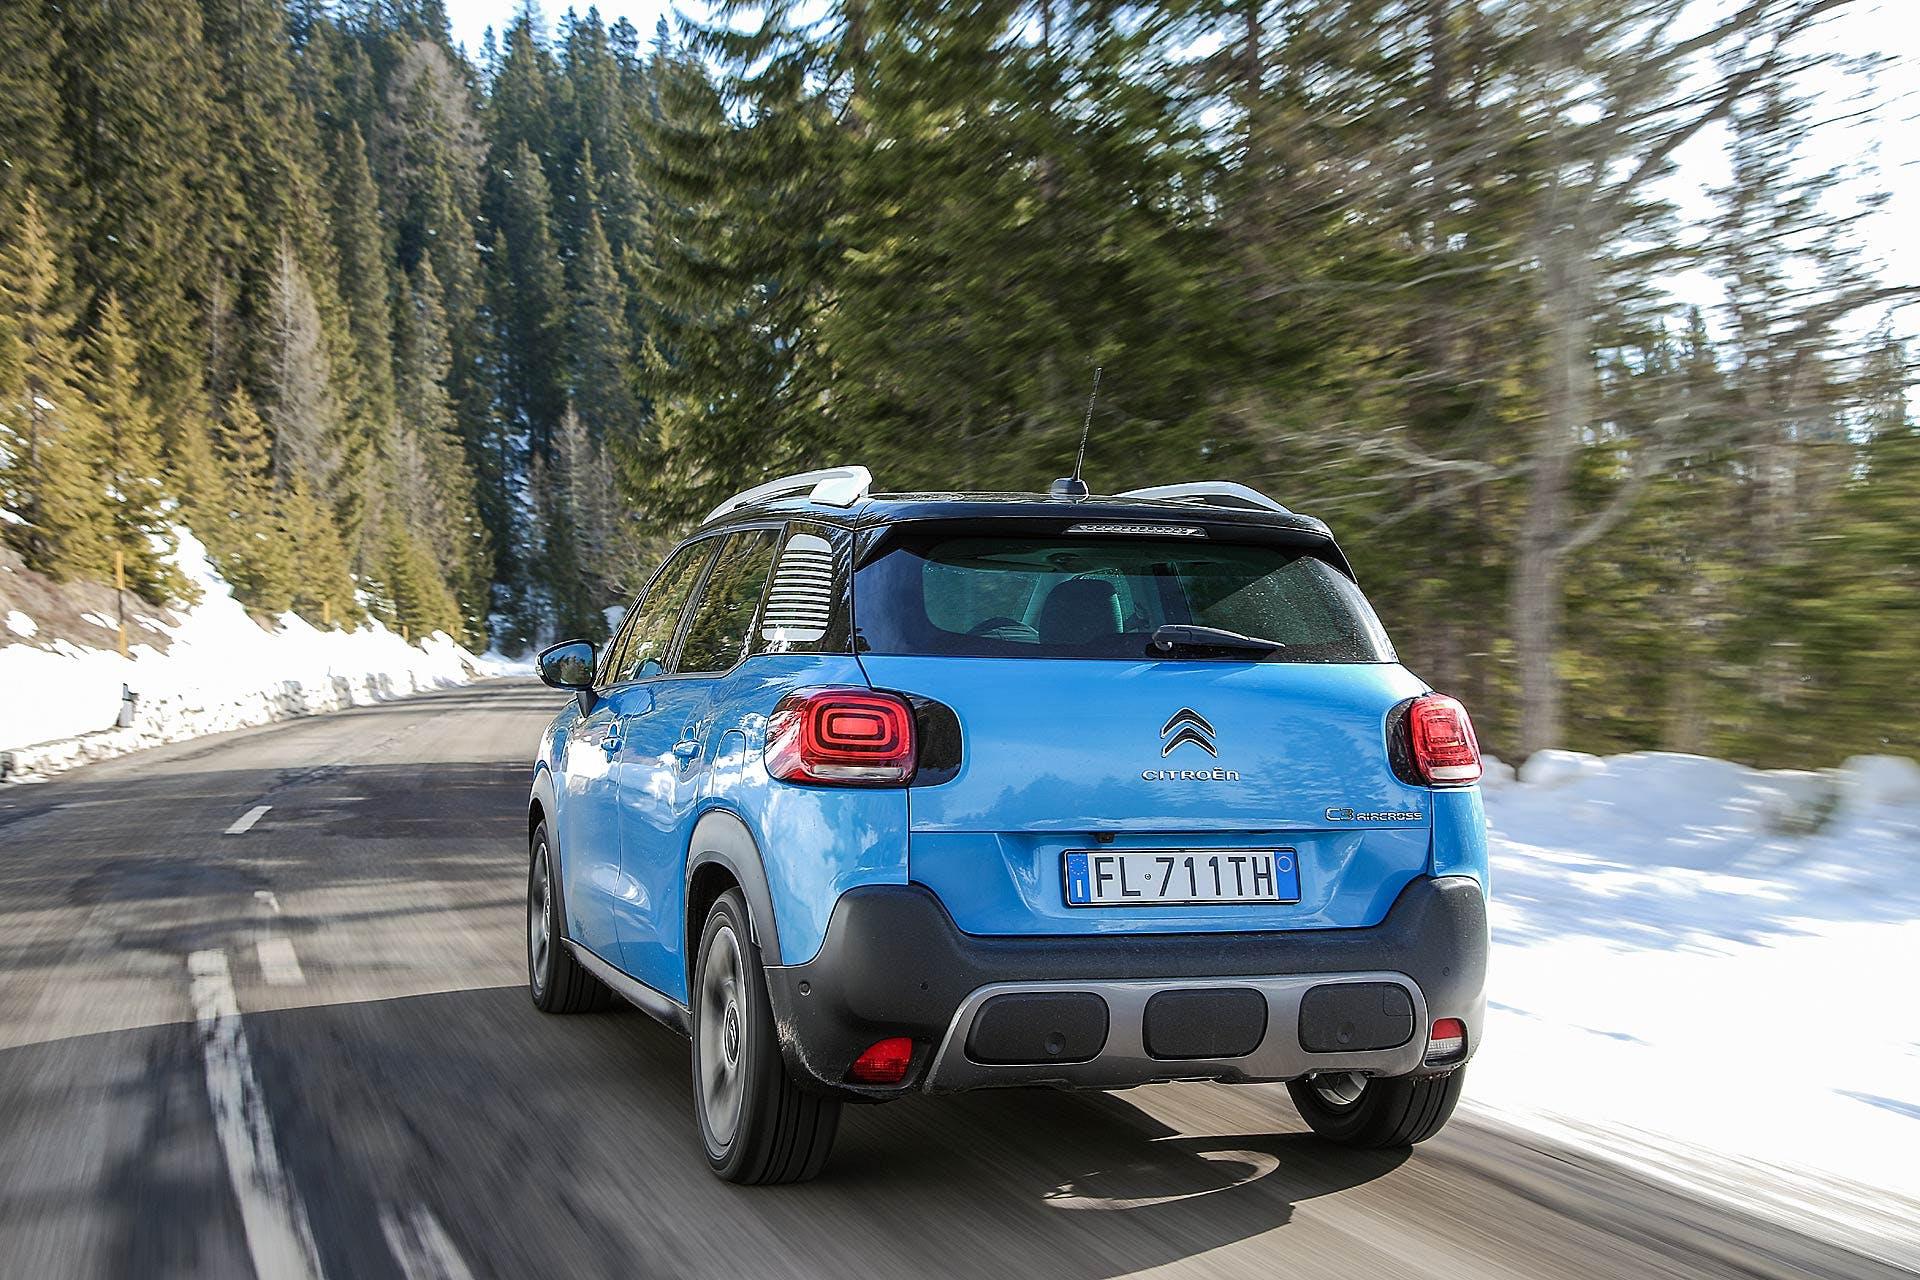 Citroën C3 Aircross azzurra vista posteriore su strada di montagna con neve e pini